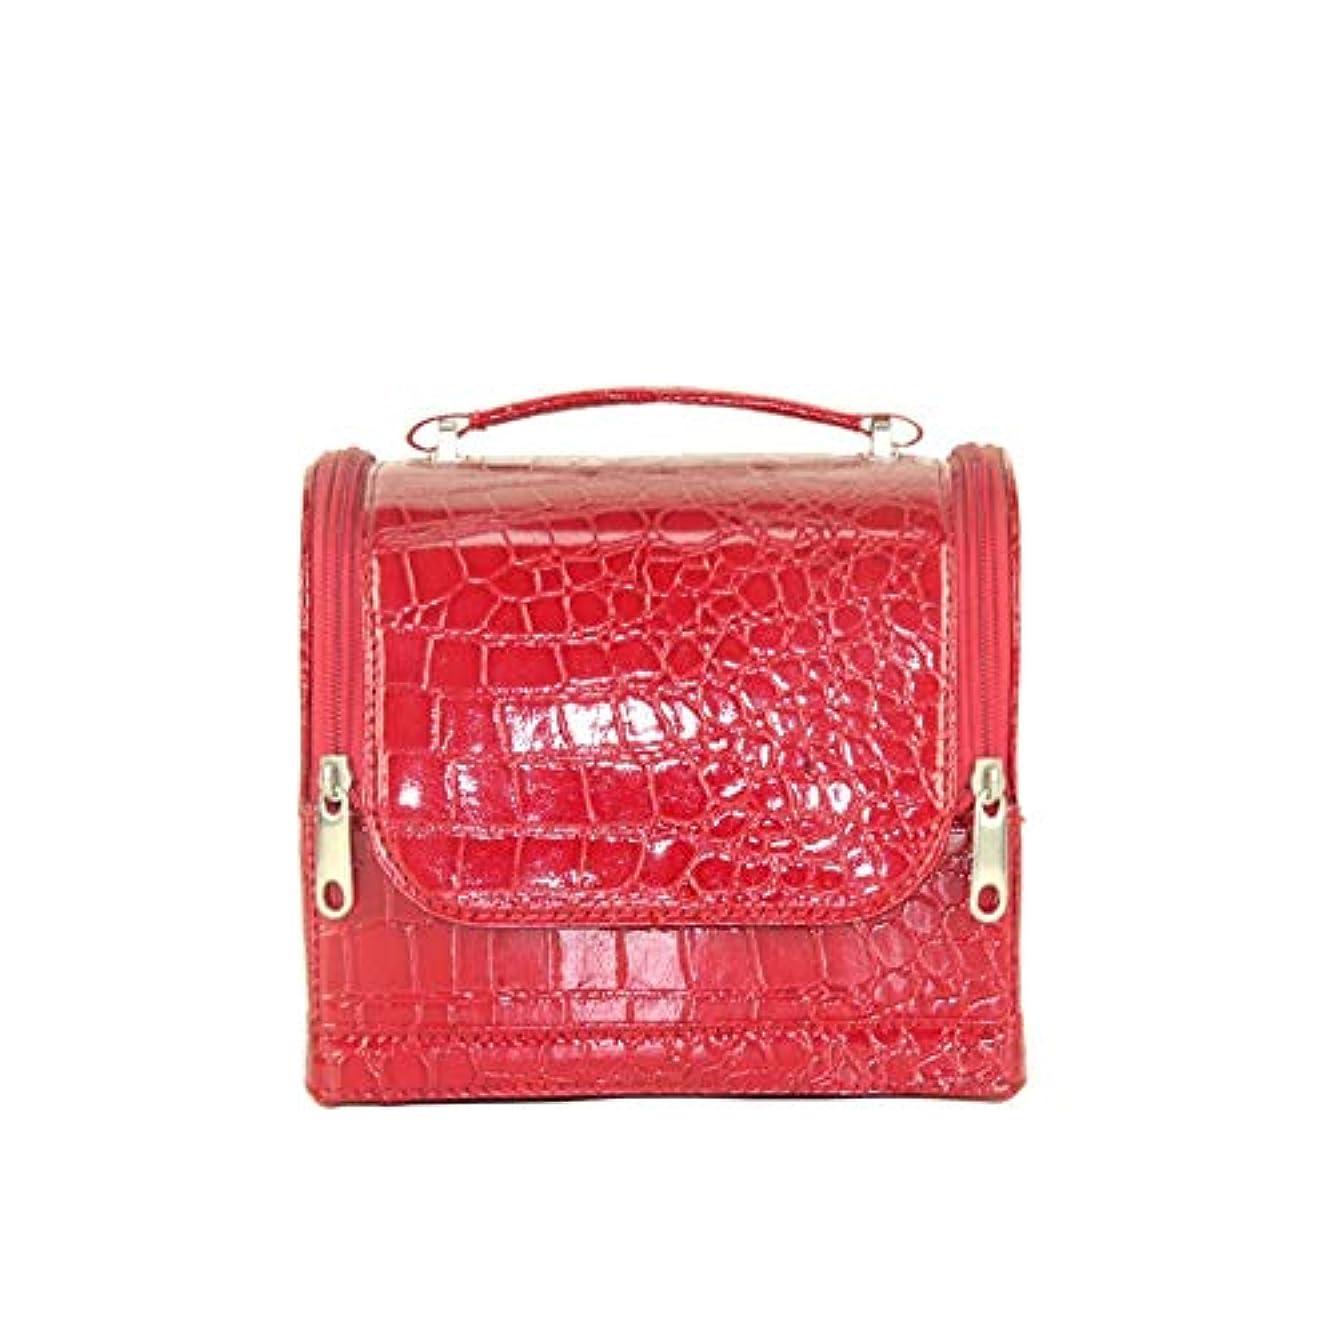 効率的にセージやる化粧オーガナイザーバッグ 女性の女性の旅行とジッパーと折りたたみトレイで毎日のストレージのための美容メイクアップのためのポータブル化粧品バッグ 化粧品ケース